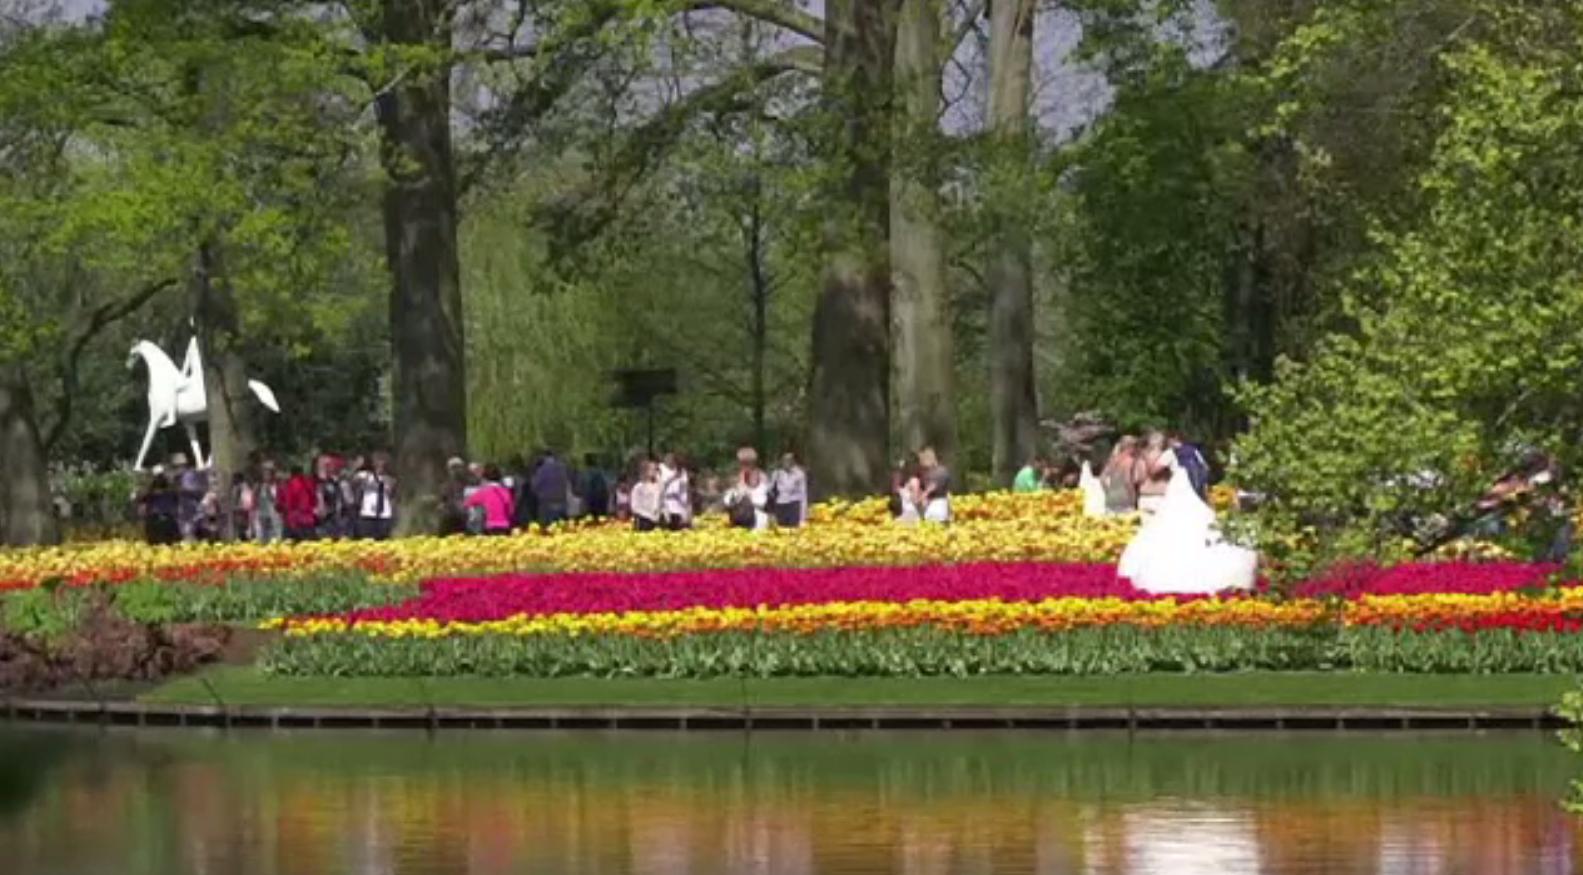 Olanda, vizitată intens în această perioadă pentru câmpurile de lalele